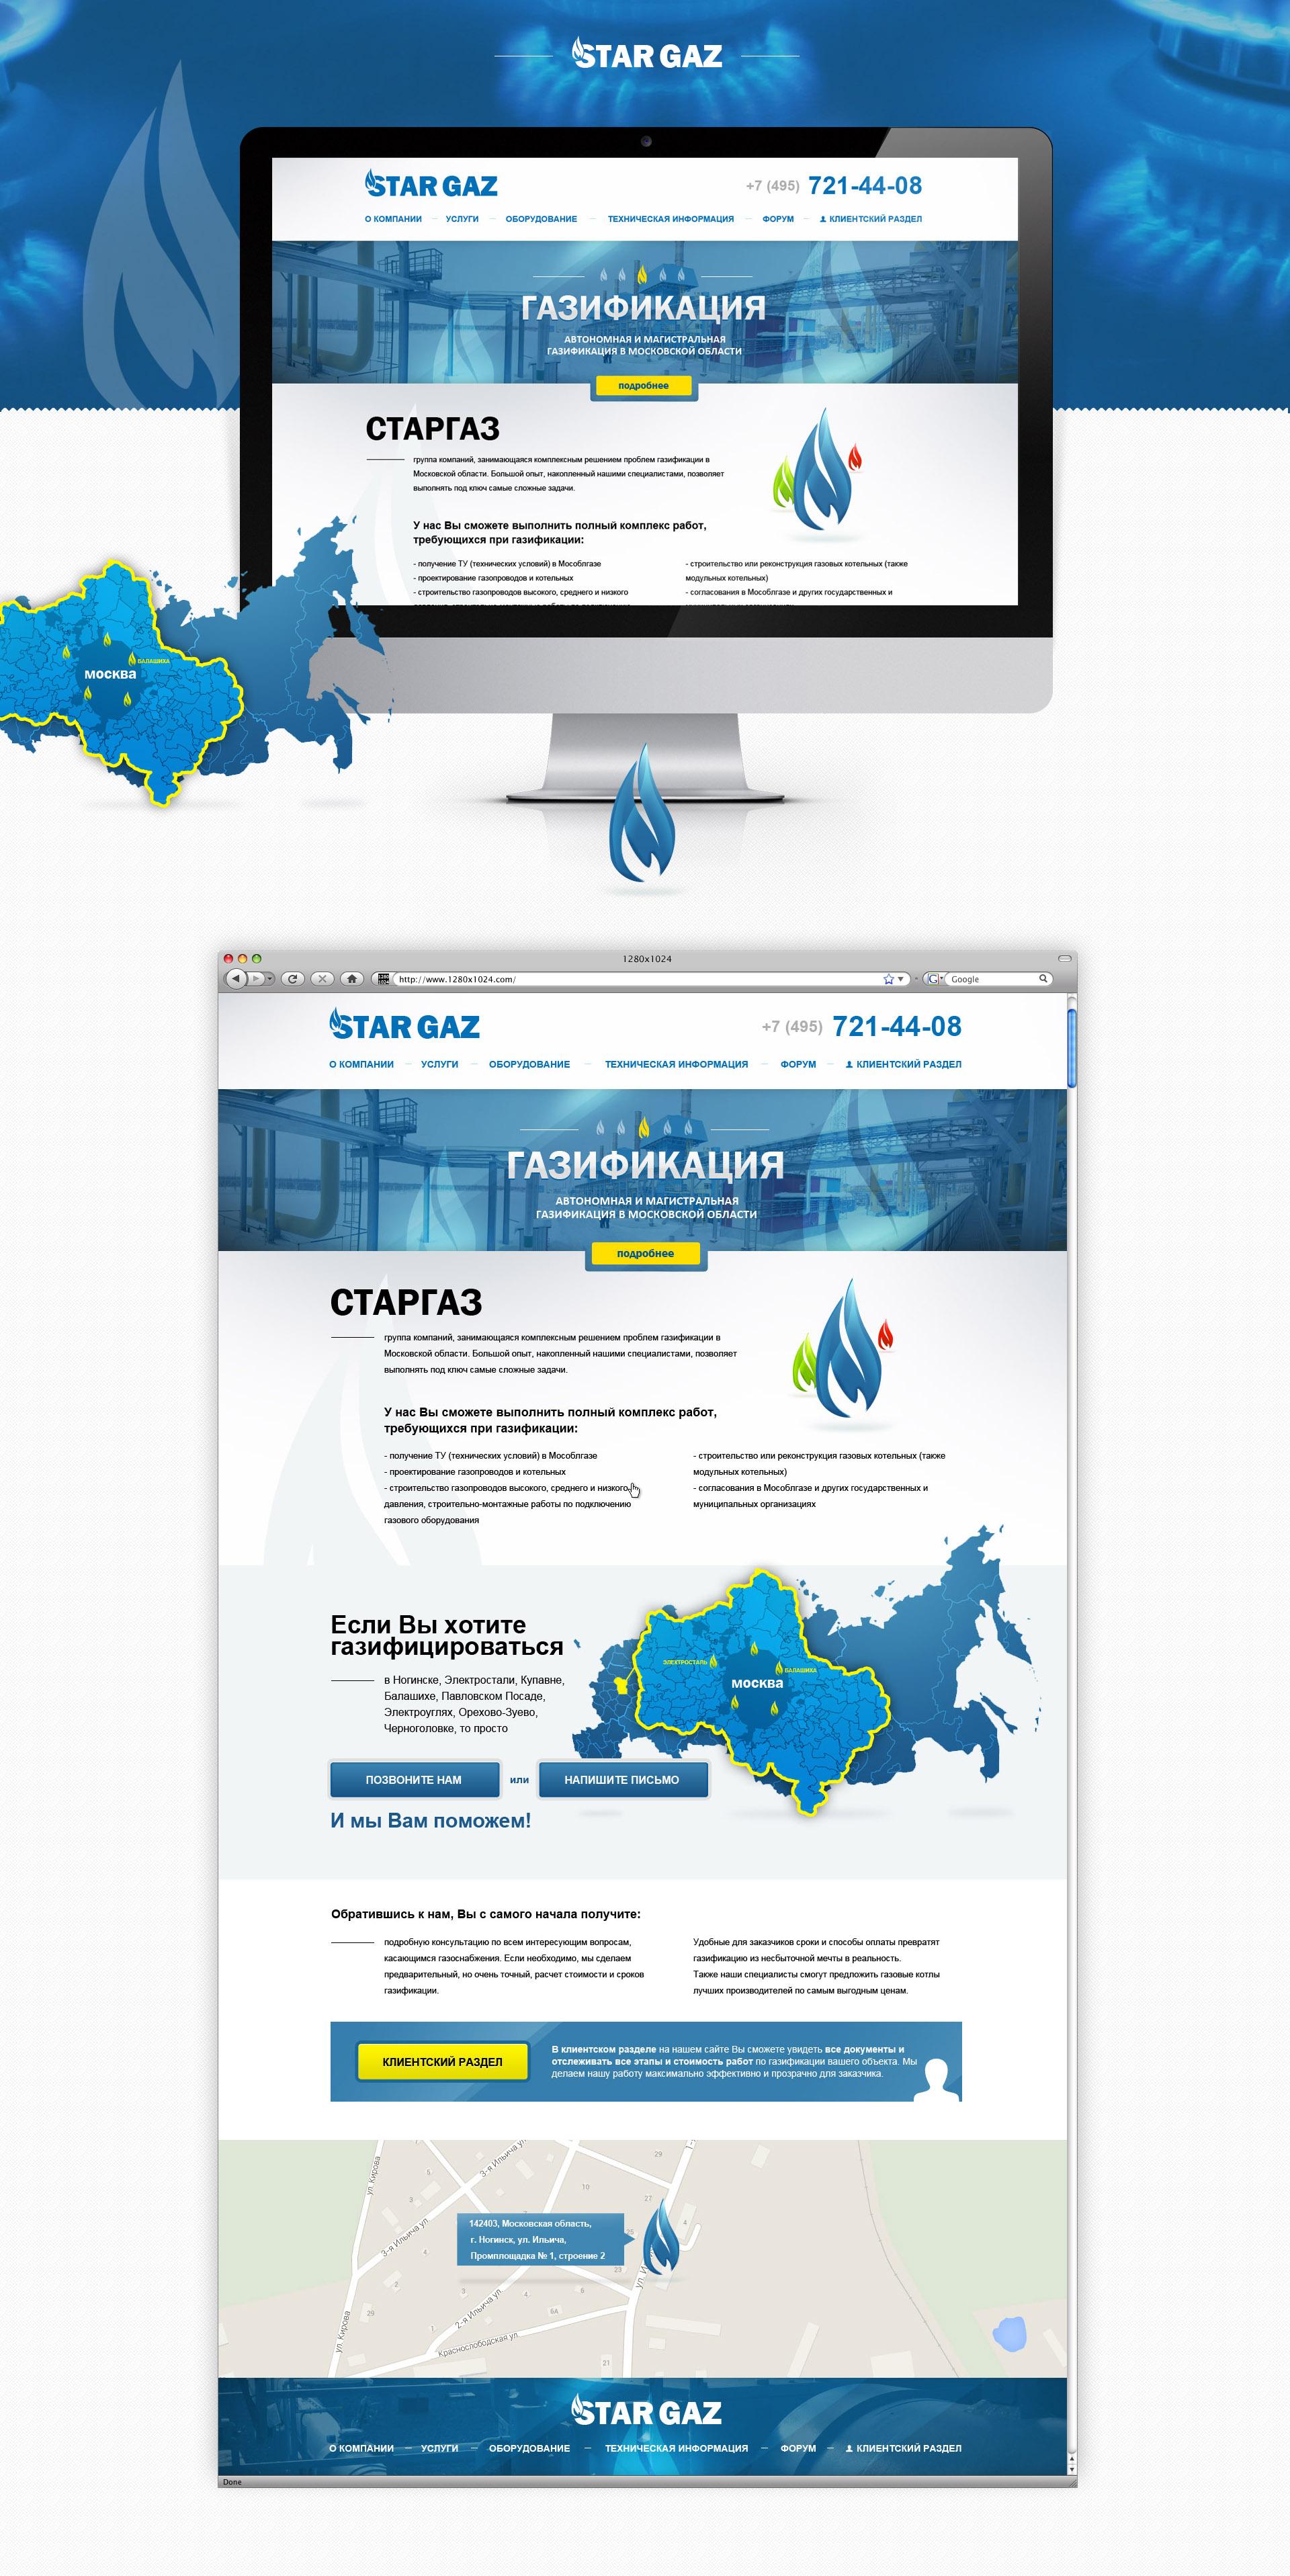 СтарГаз - Газификация, проектирование, строительство газопроводов и котельных.